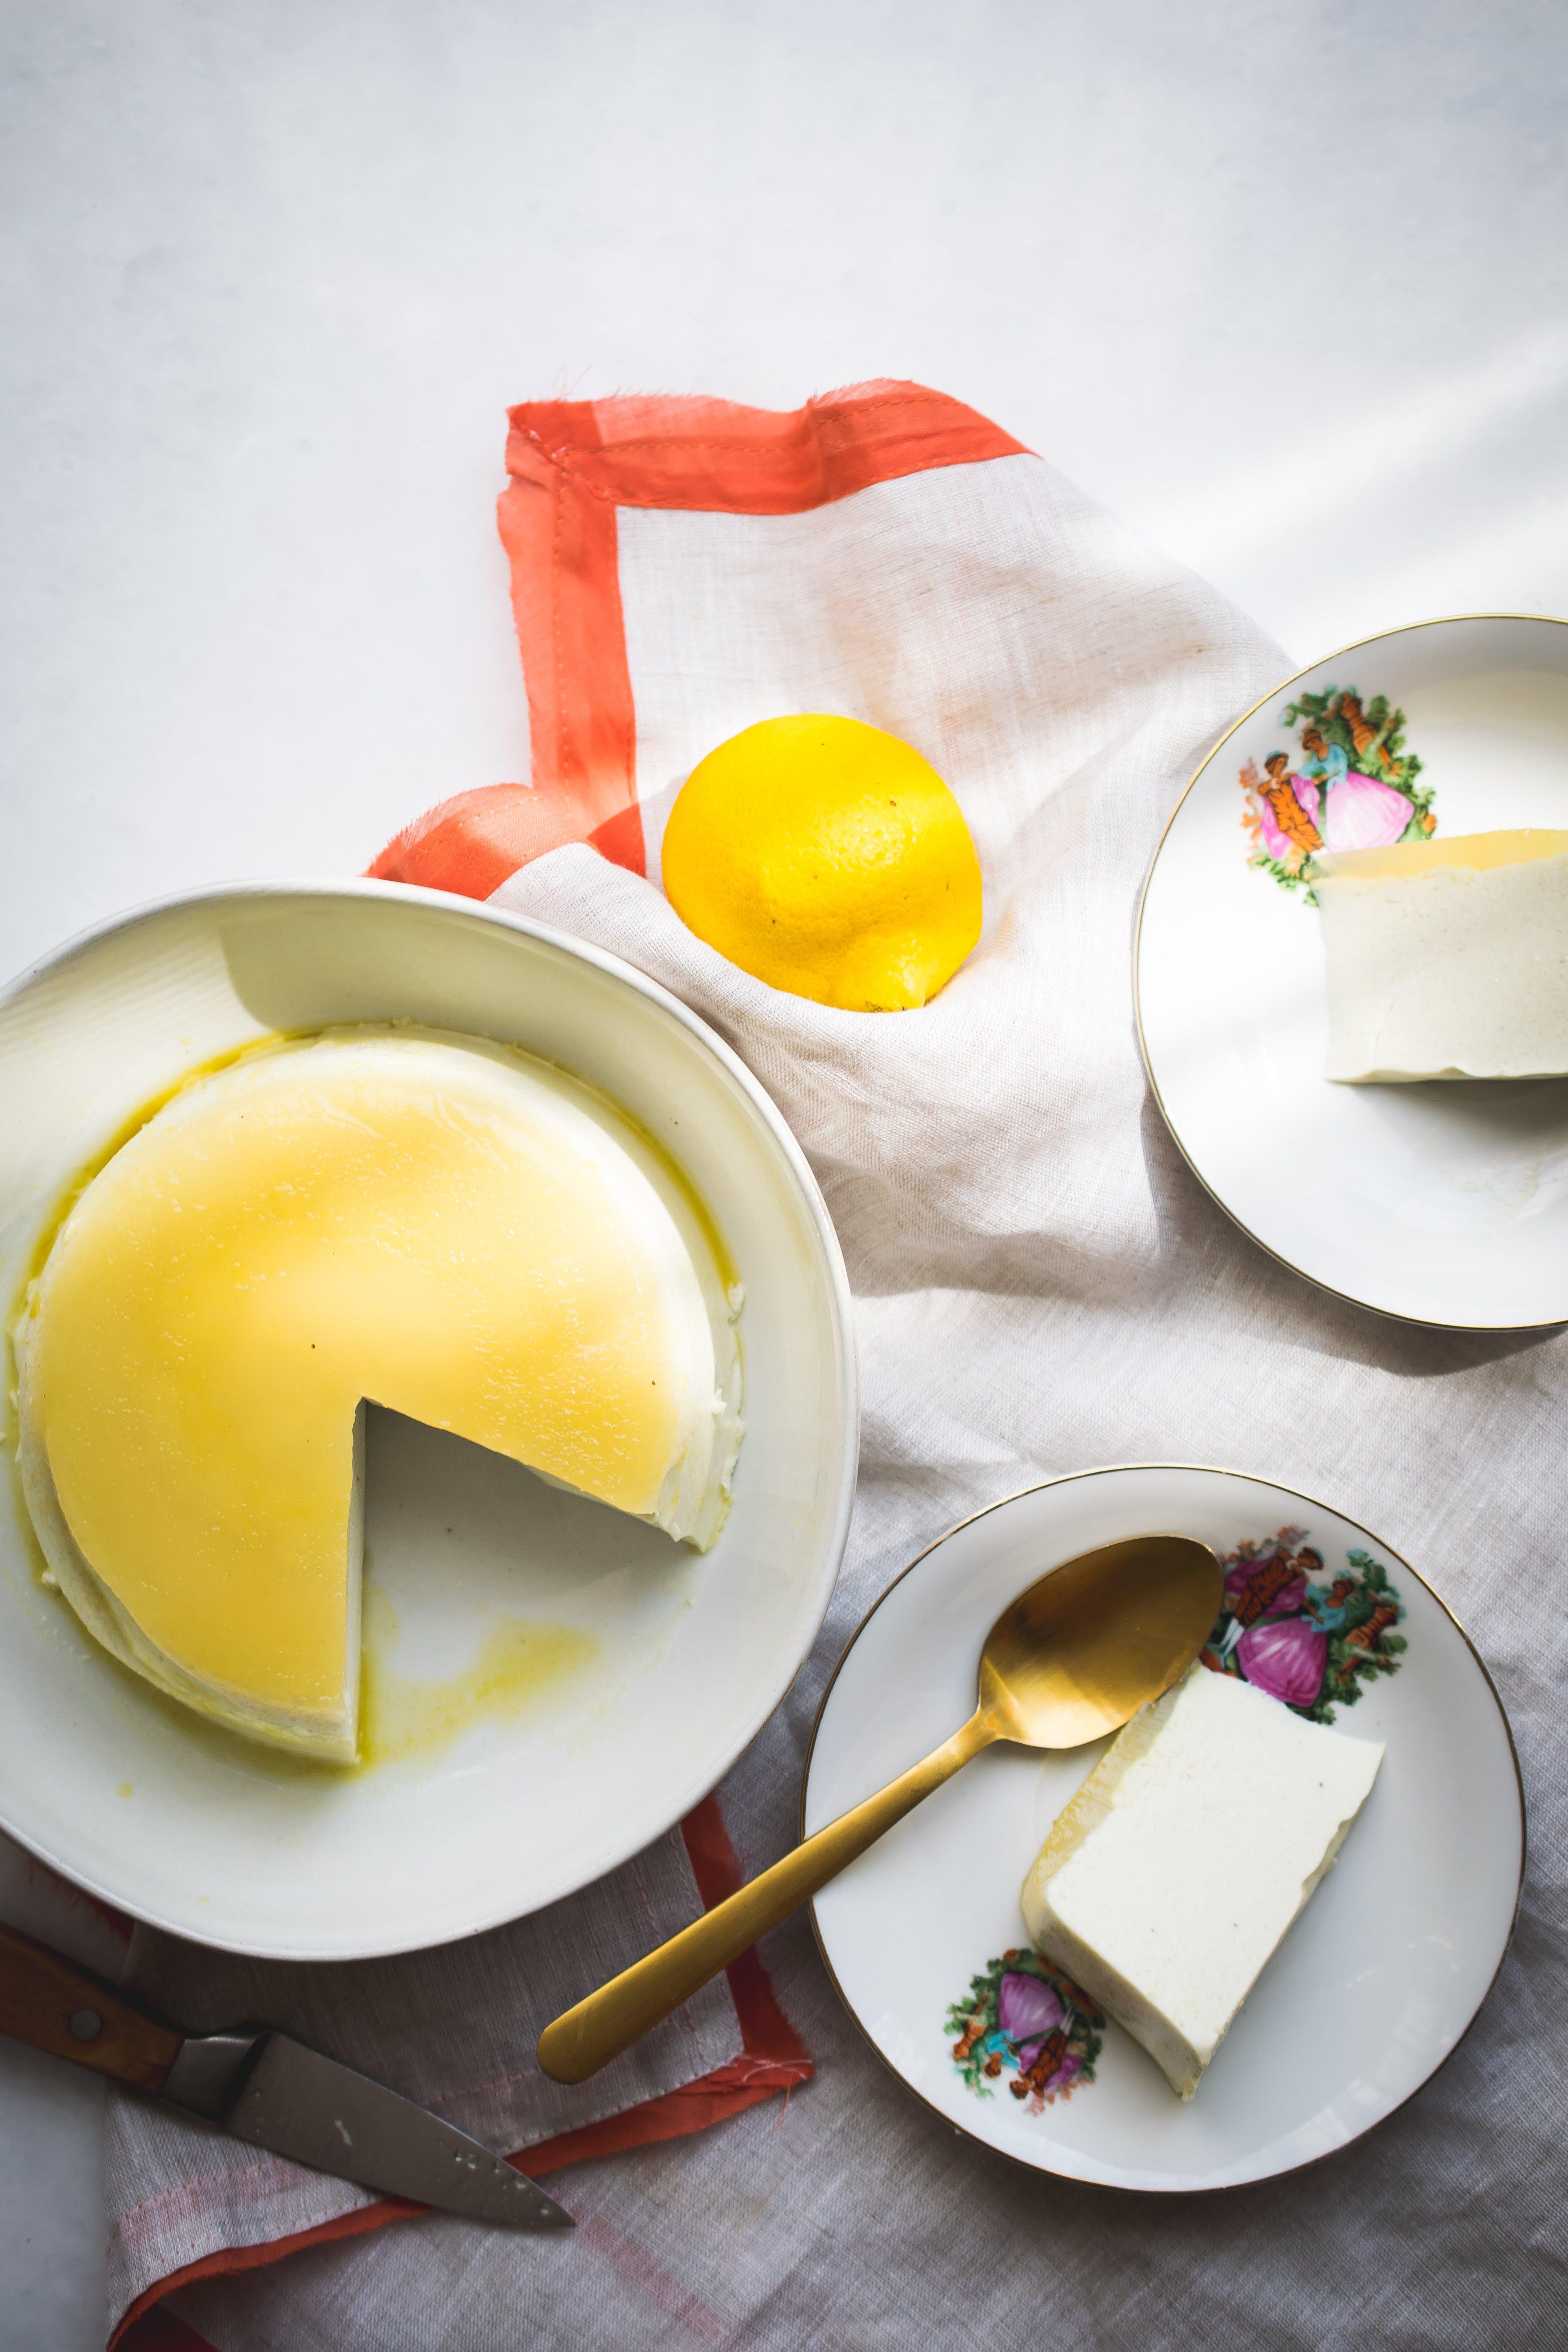 Low-carb no bake egg-free flan